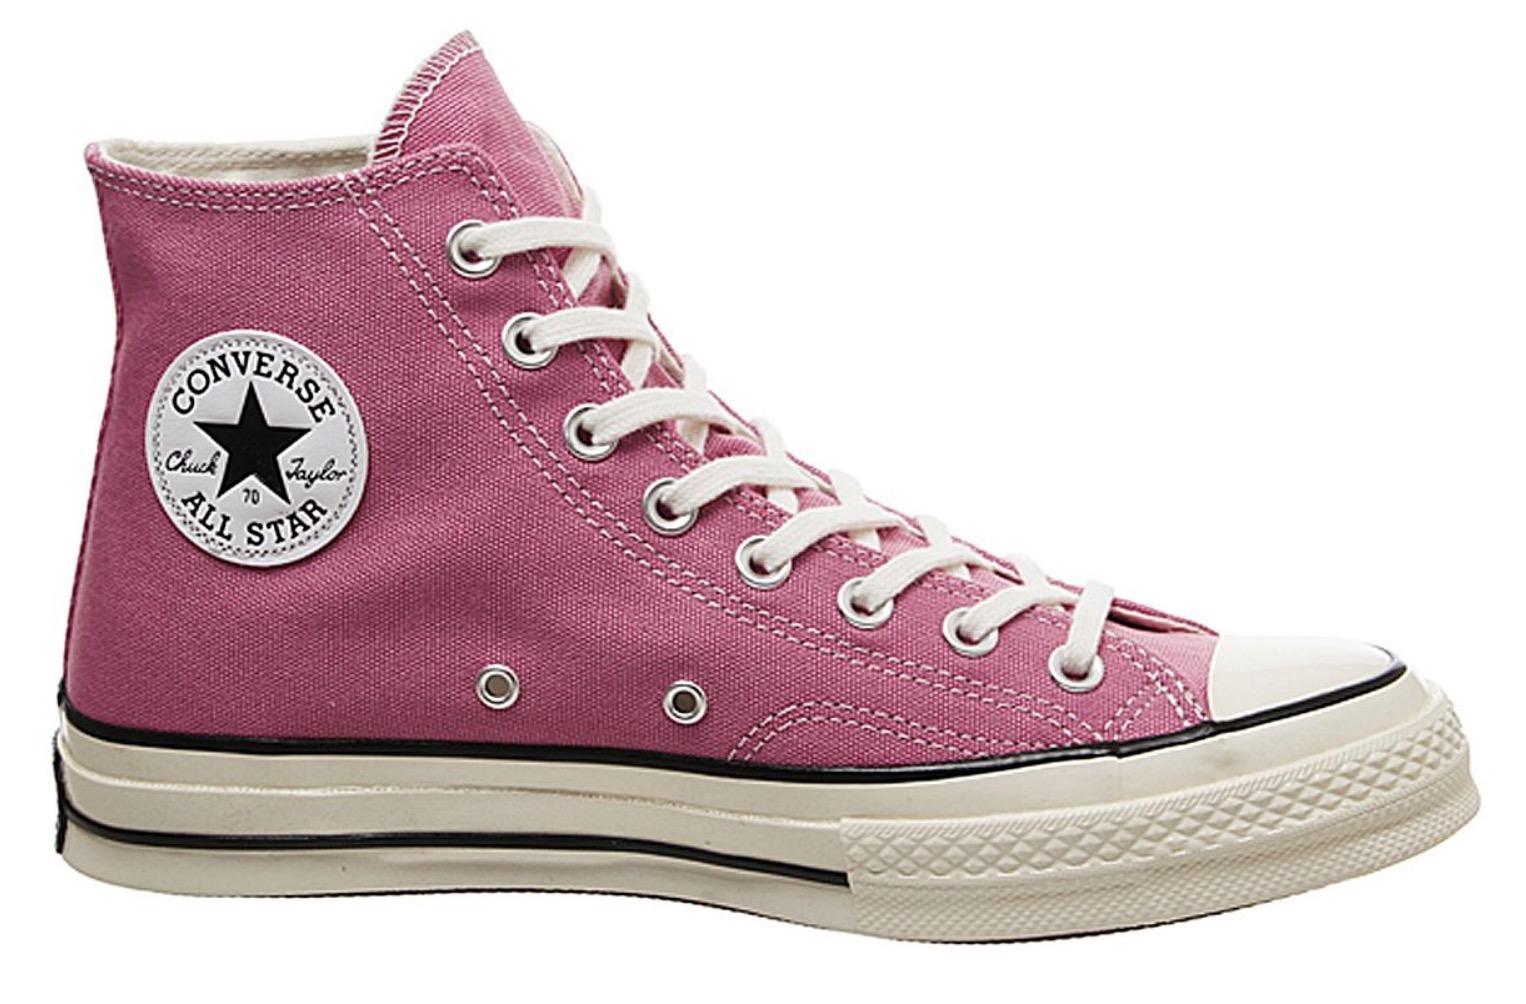 Converse All Star Chuck 70 Pink